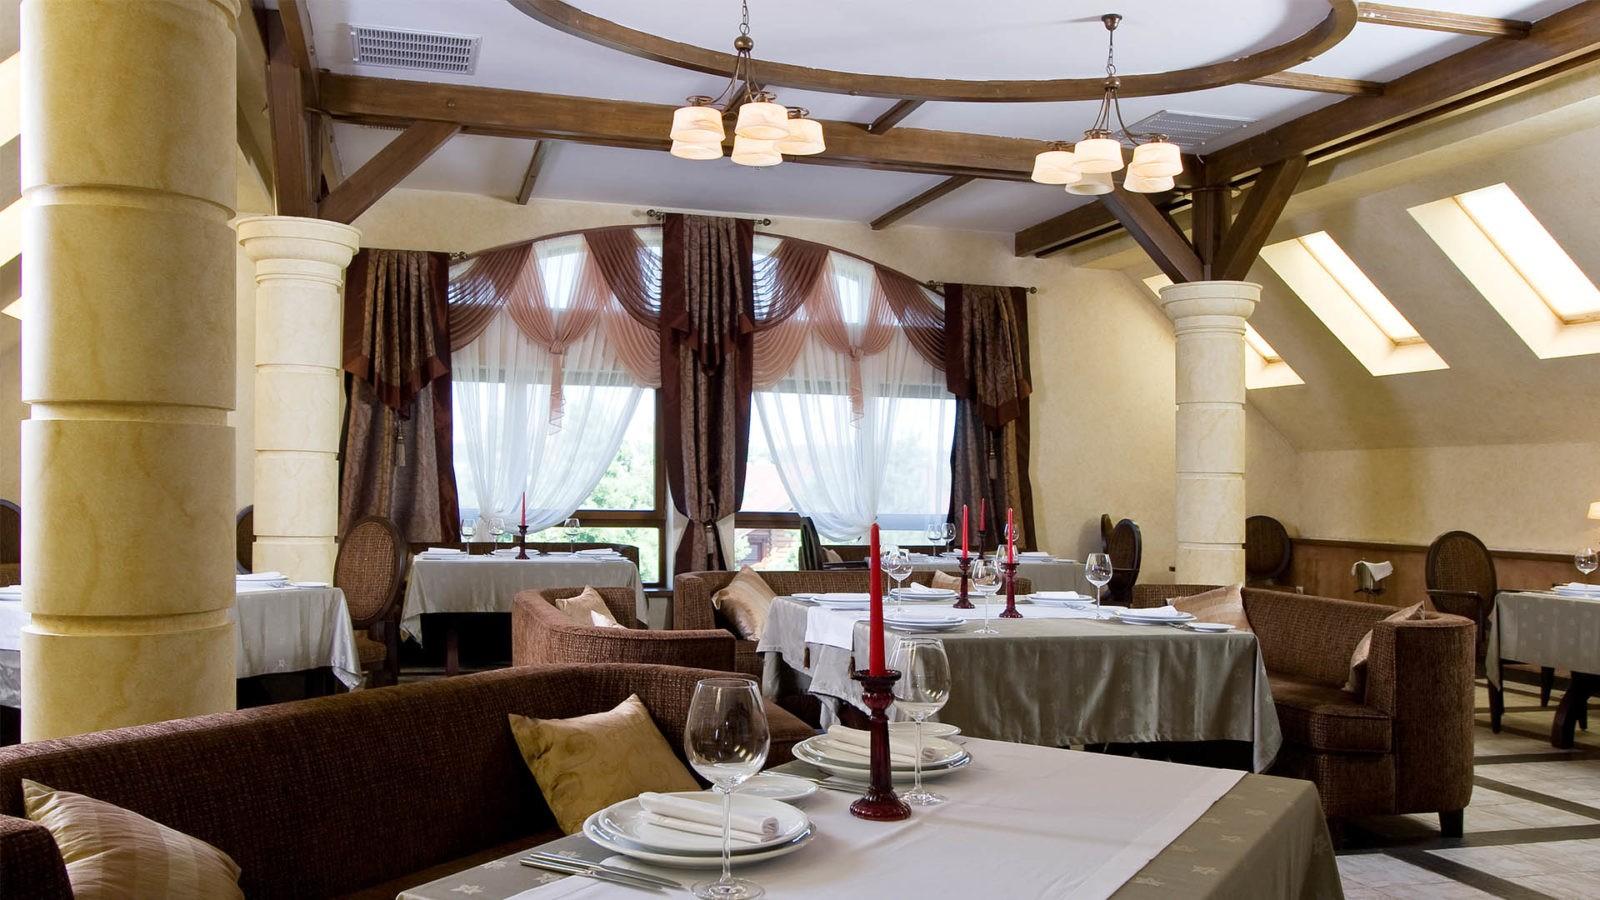 Ресторан Высокий Берег Второй Зал